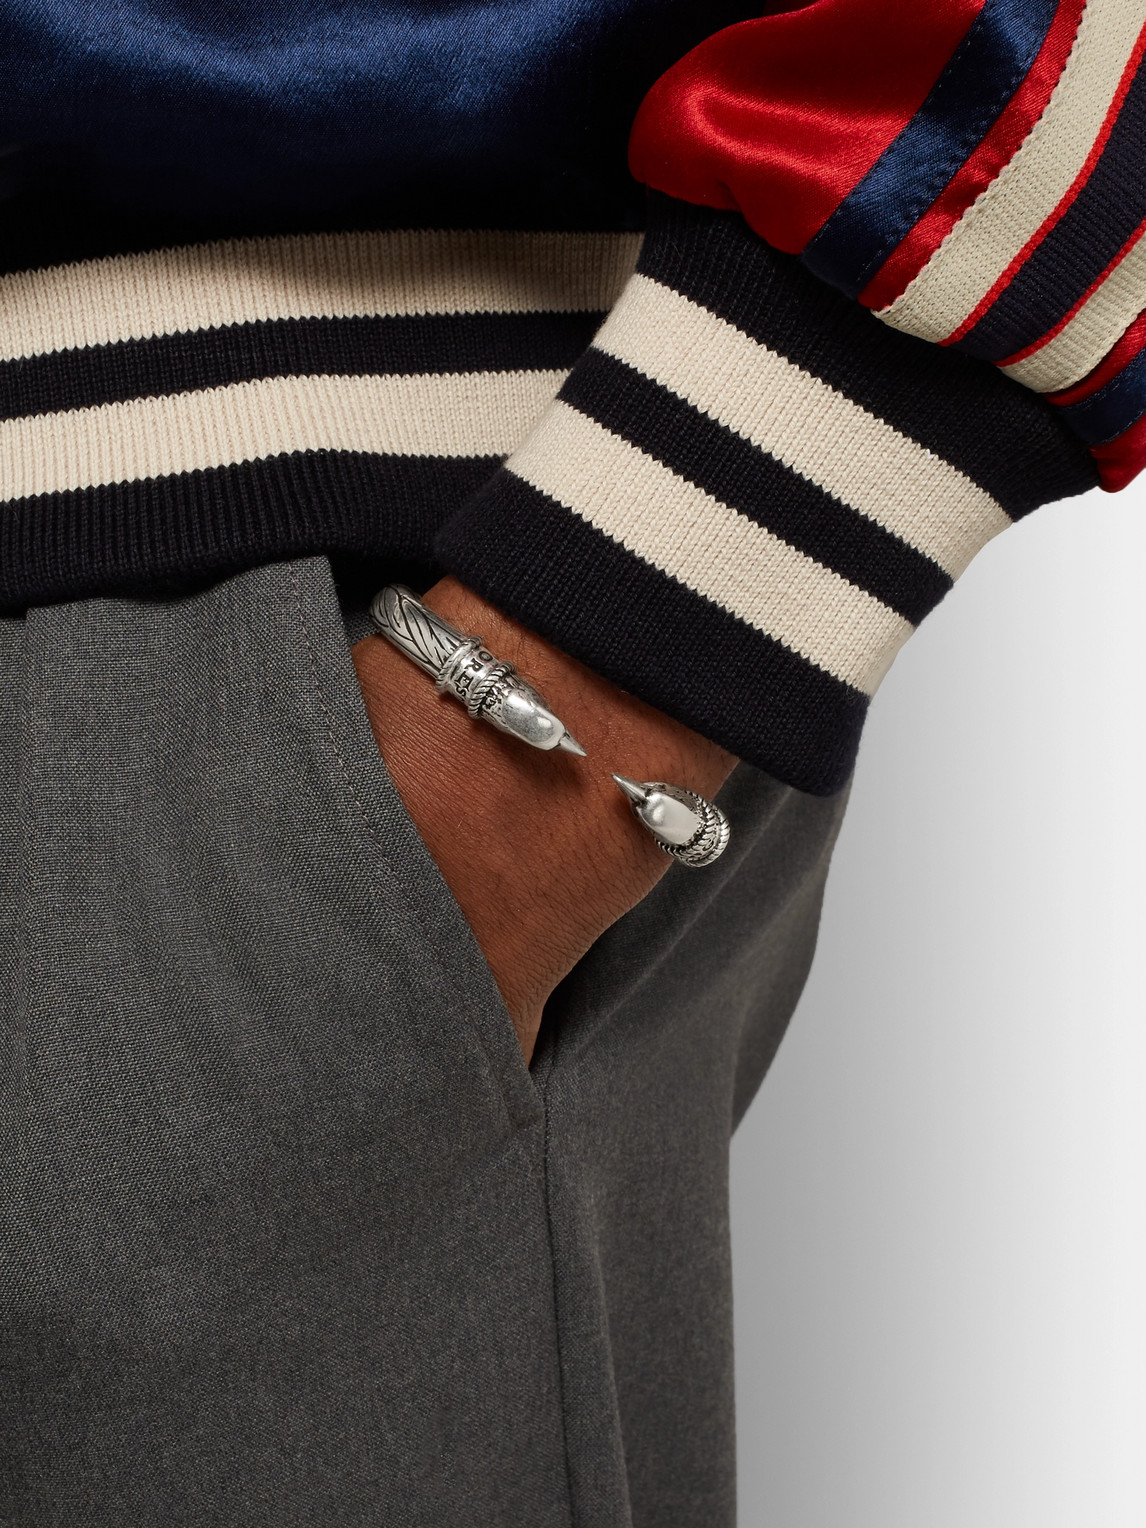 Gucci Accessories EAGLE HEAD STERLING SILVER CUFF